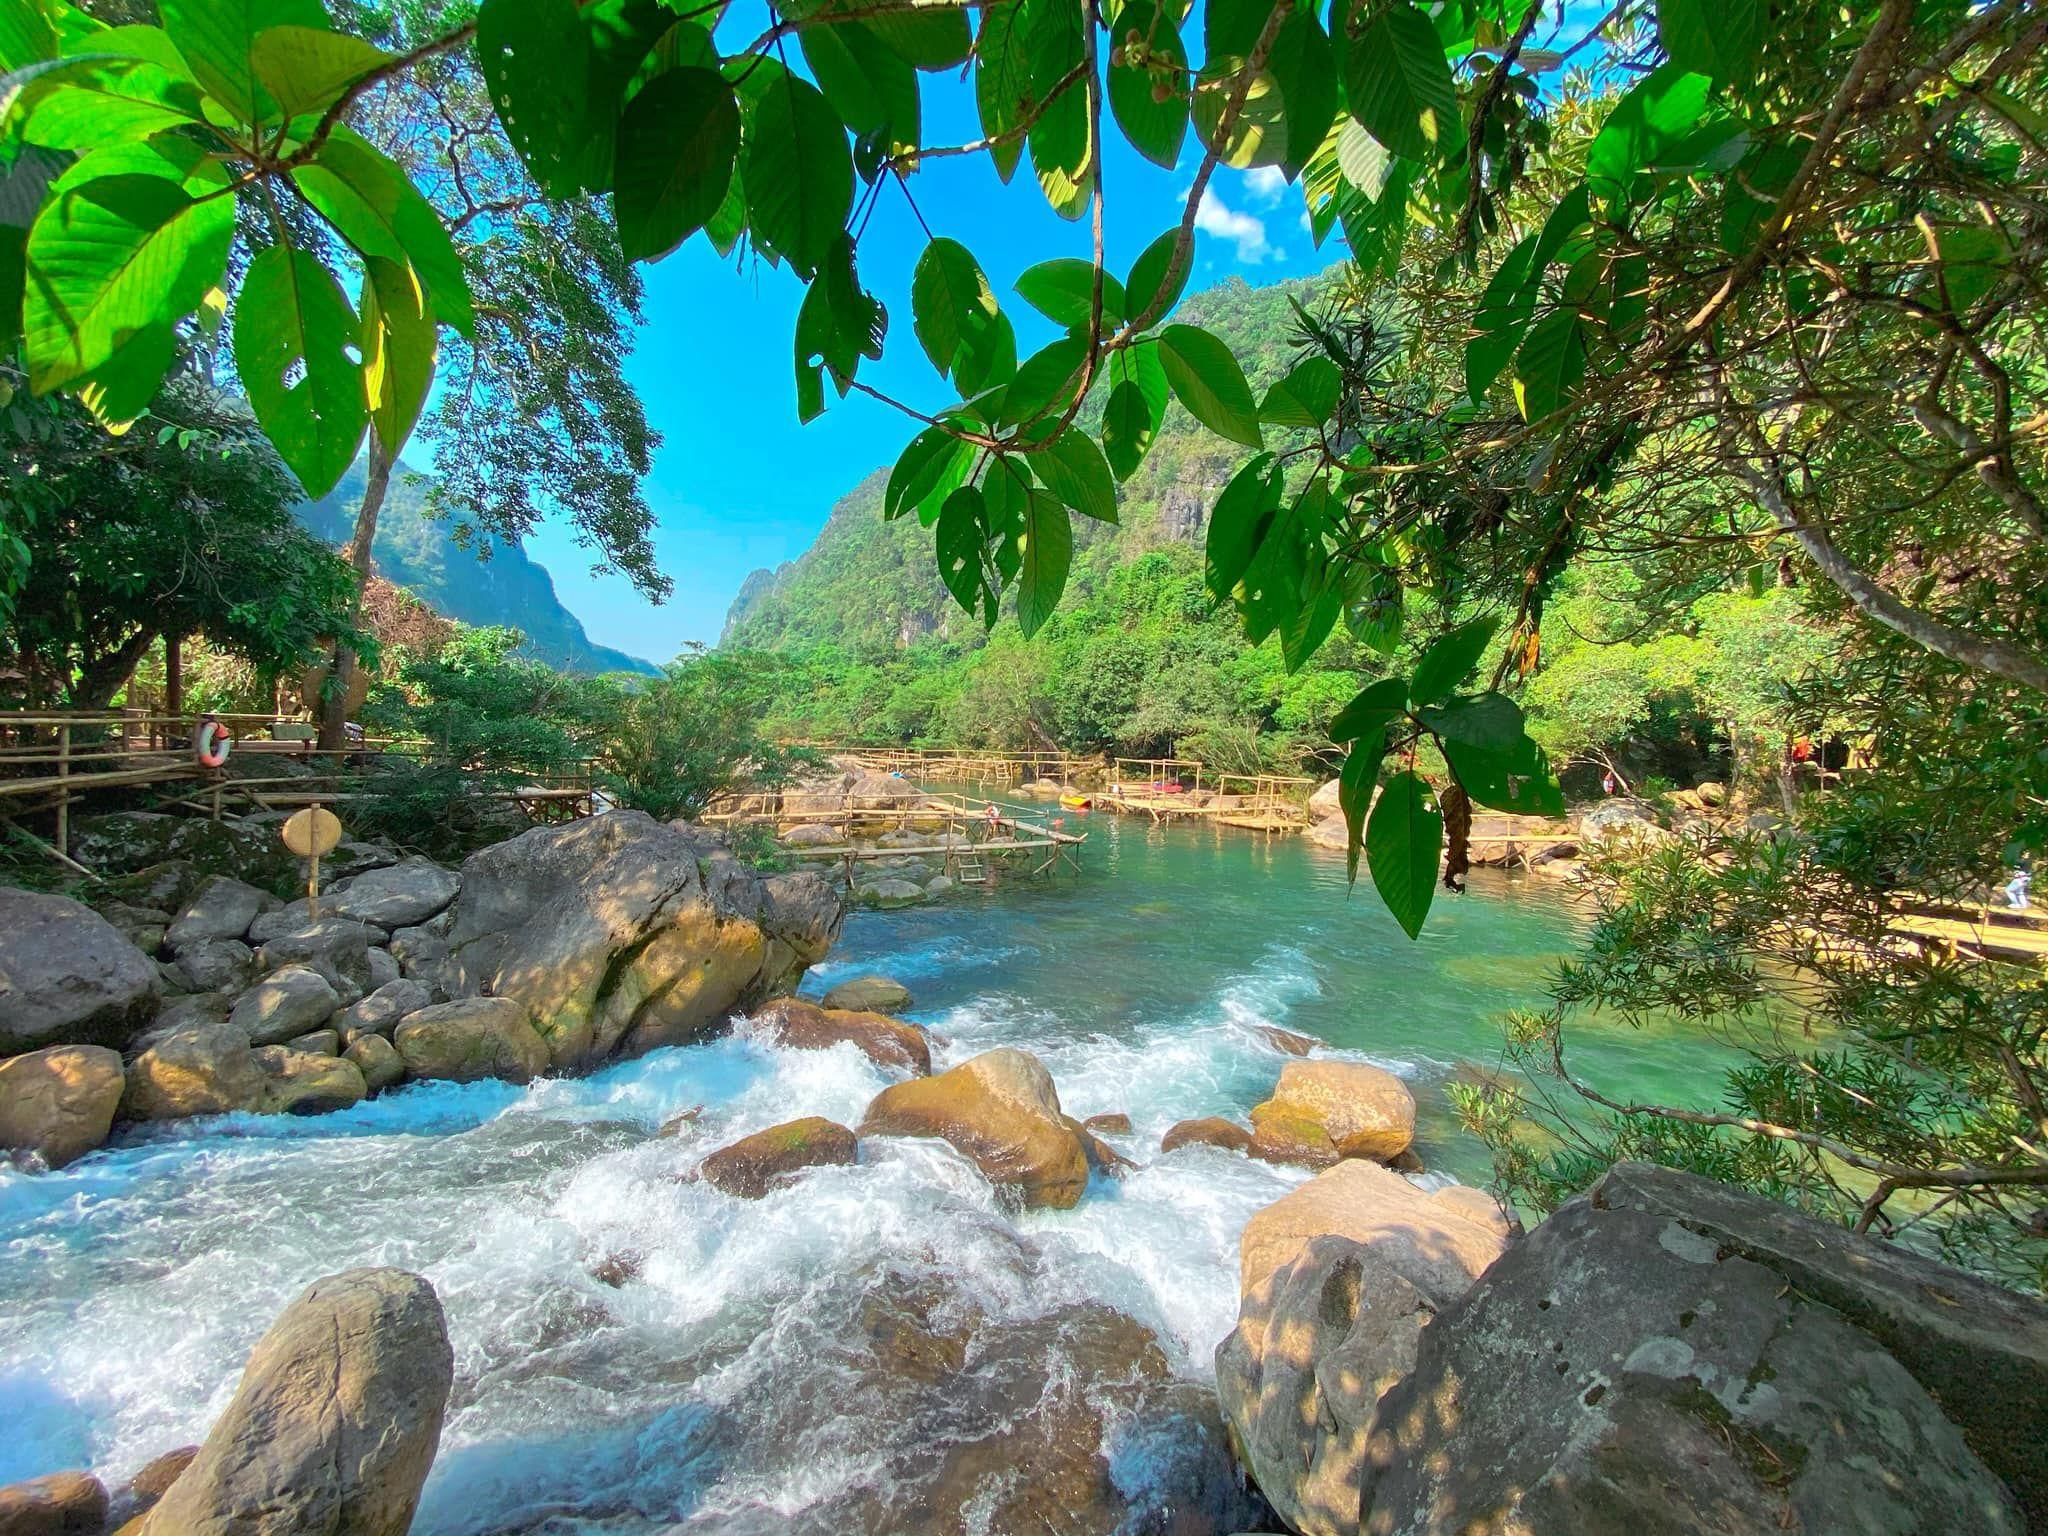 Đến thăm con suối 'mọc' lên từ lòng đất tuyệt đẹp ở Quảng Bình